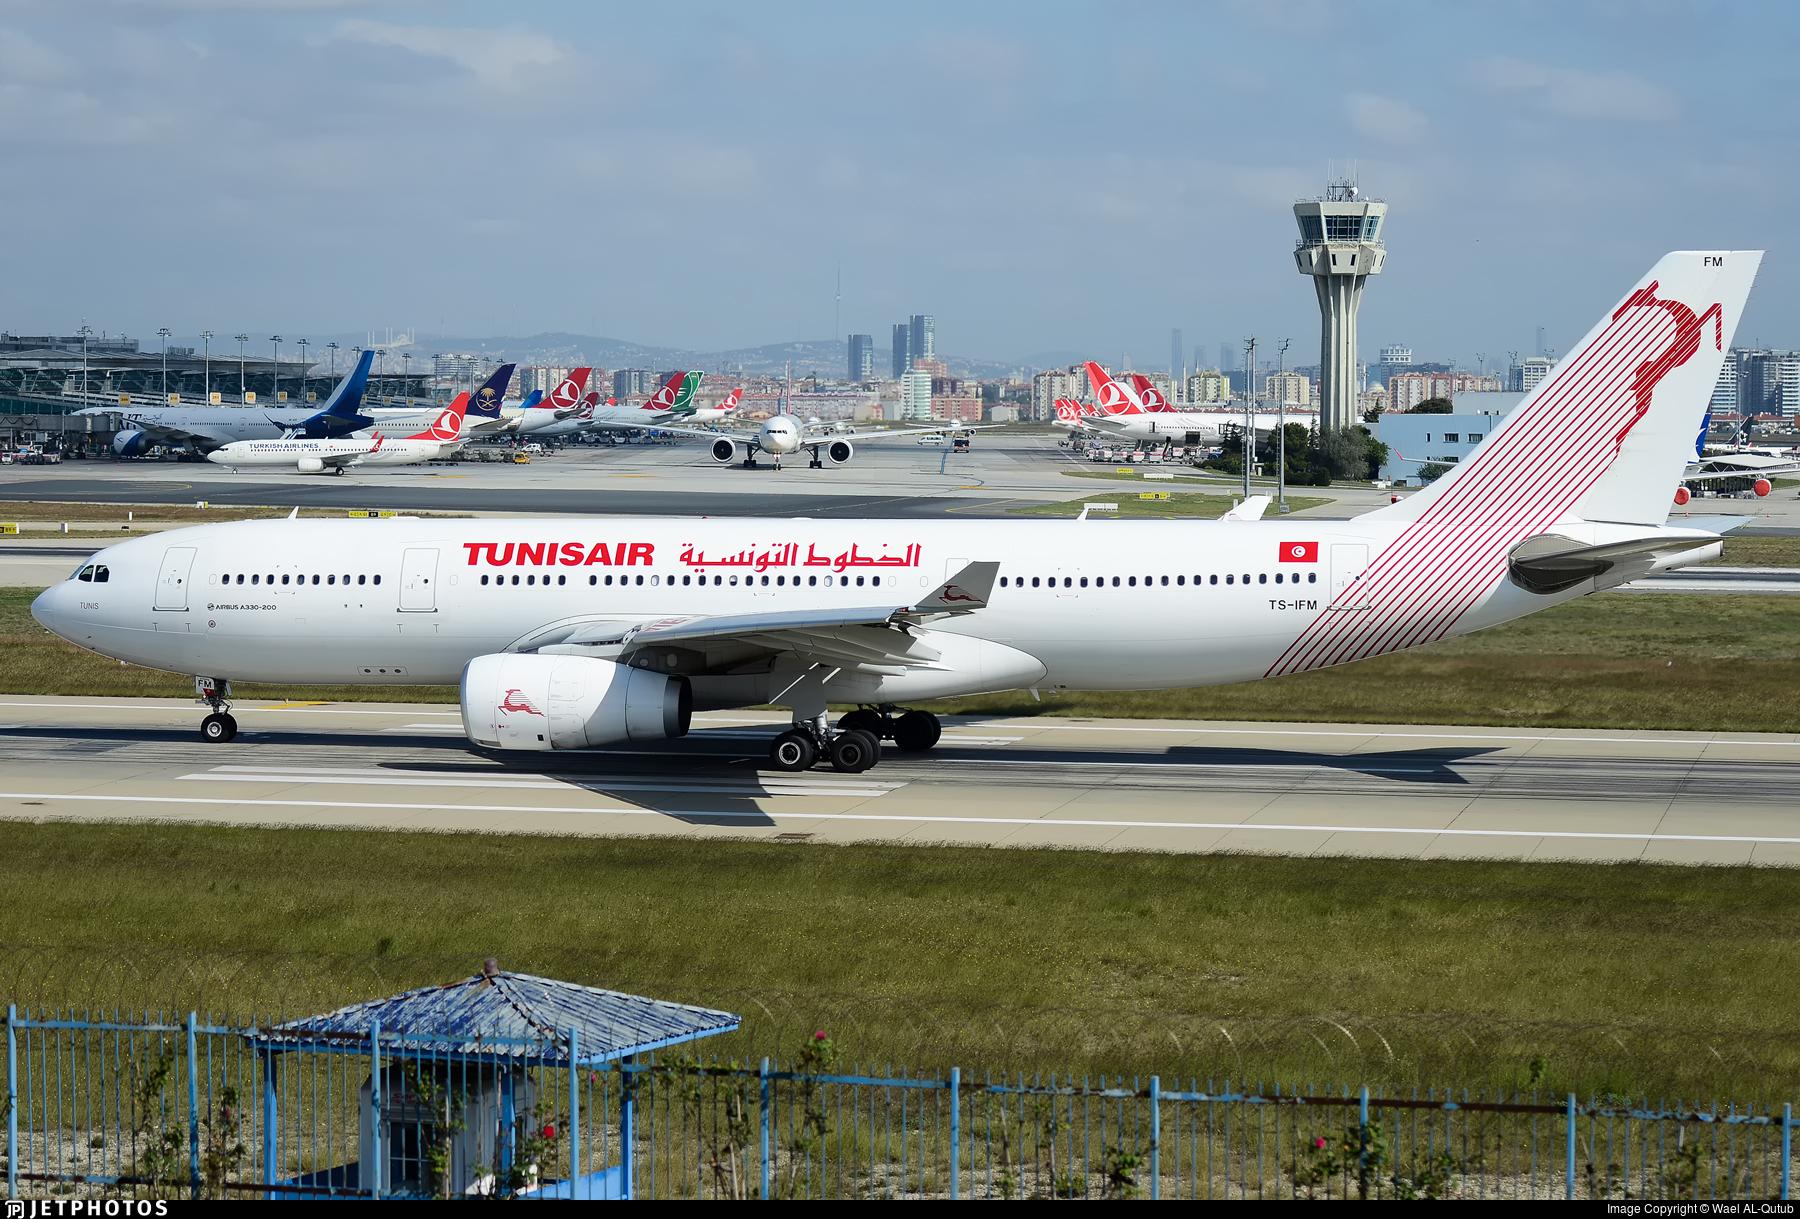 8037065bf6db TS-IFM - Airbus A330-243 - Tunisair